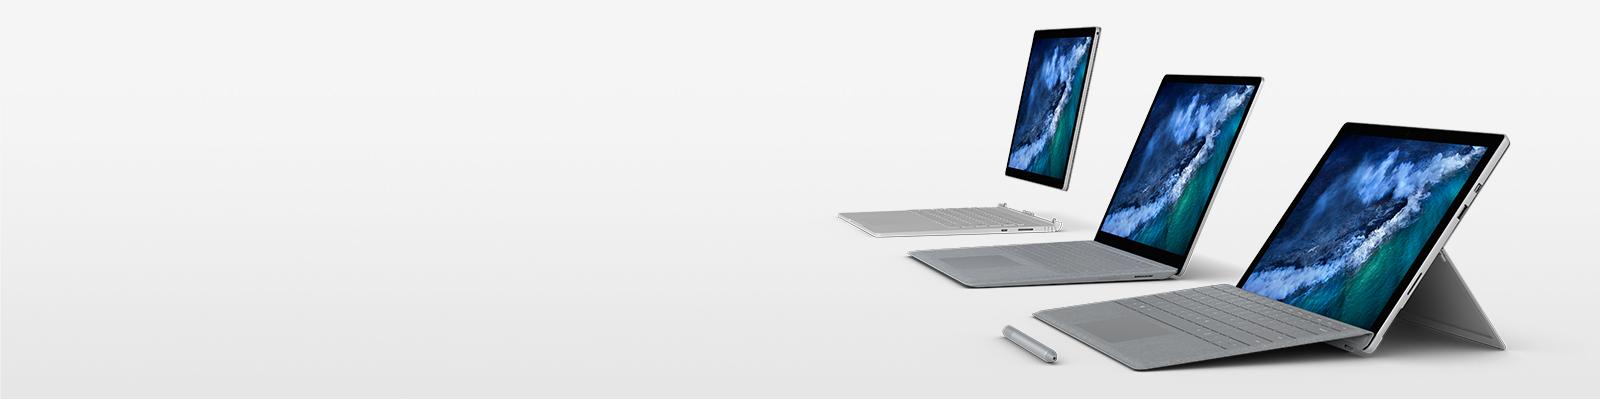 Surface Pro, Surface Laptop oraz Surface Book 2 na zdjęciu z piórem Surface